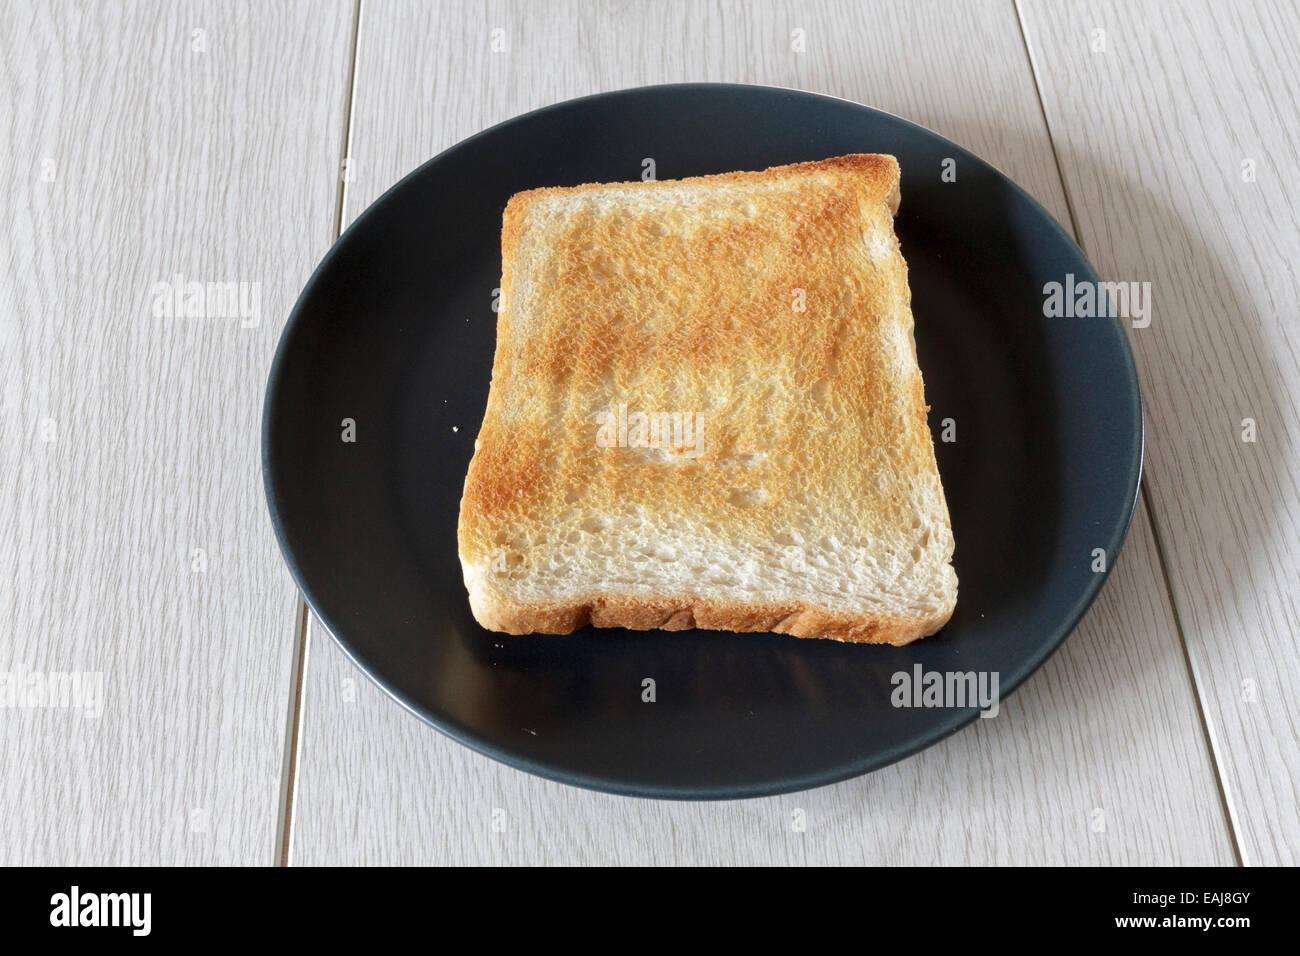 Pezzo di pane tostato a secco su una piastra Immagini Stock